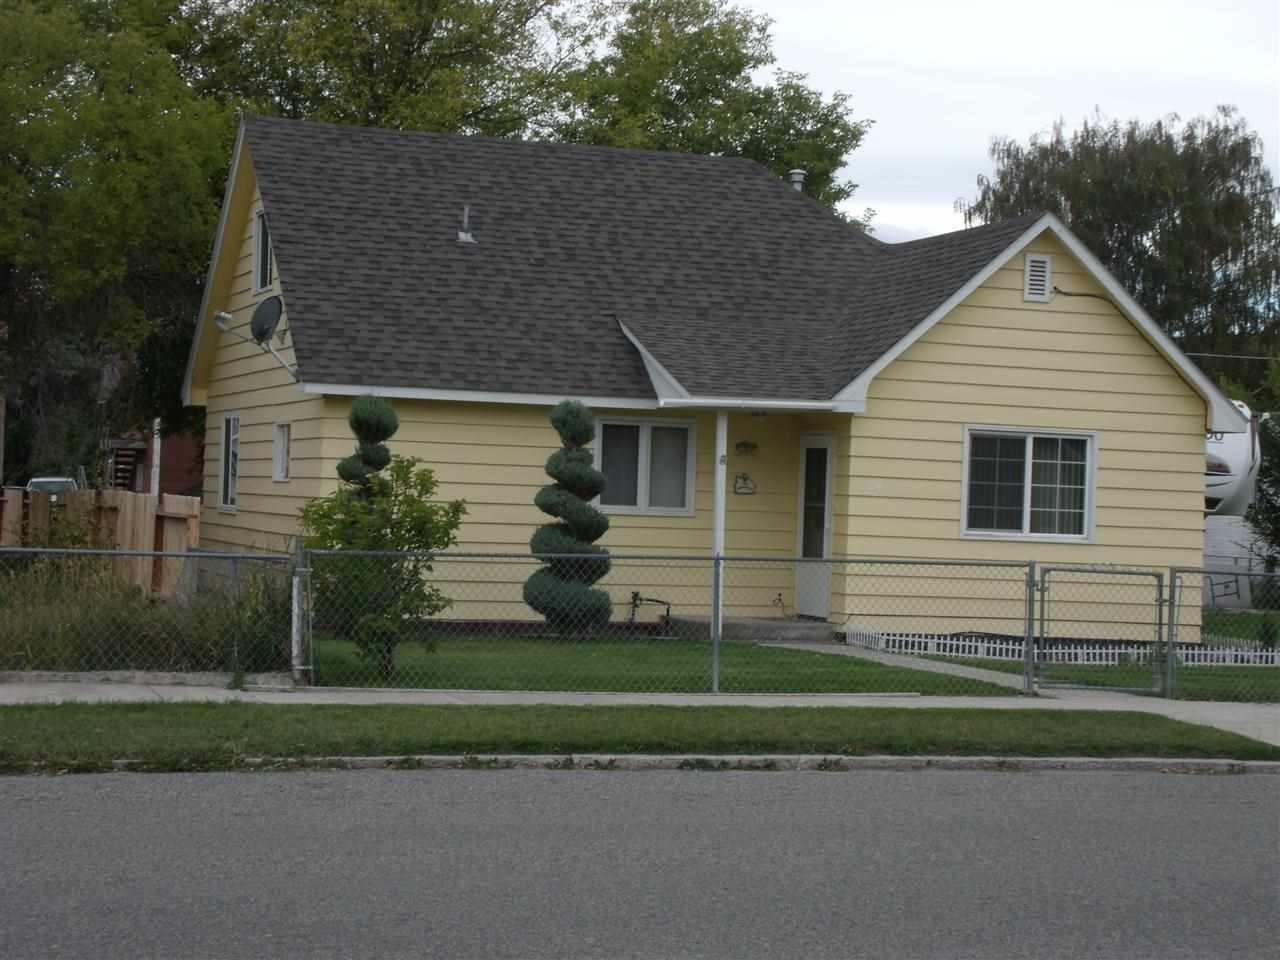 204 S Oak St, Townsend, MT 59644